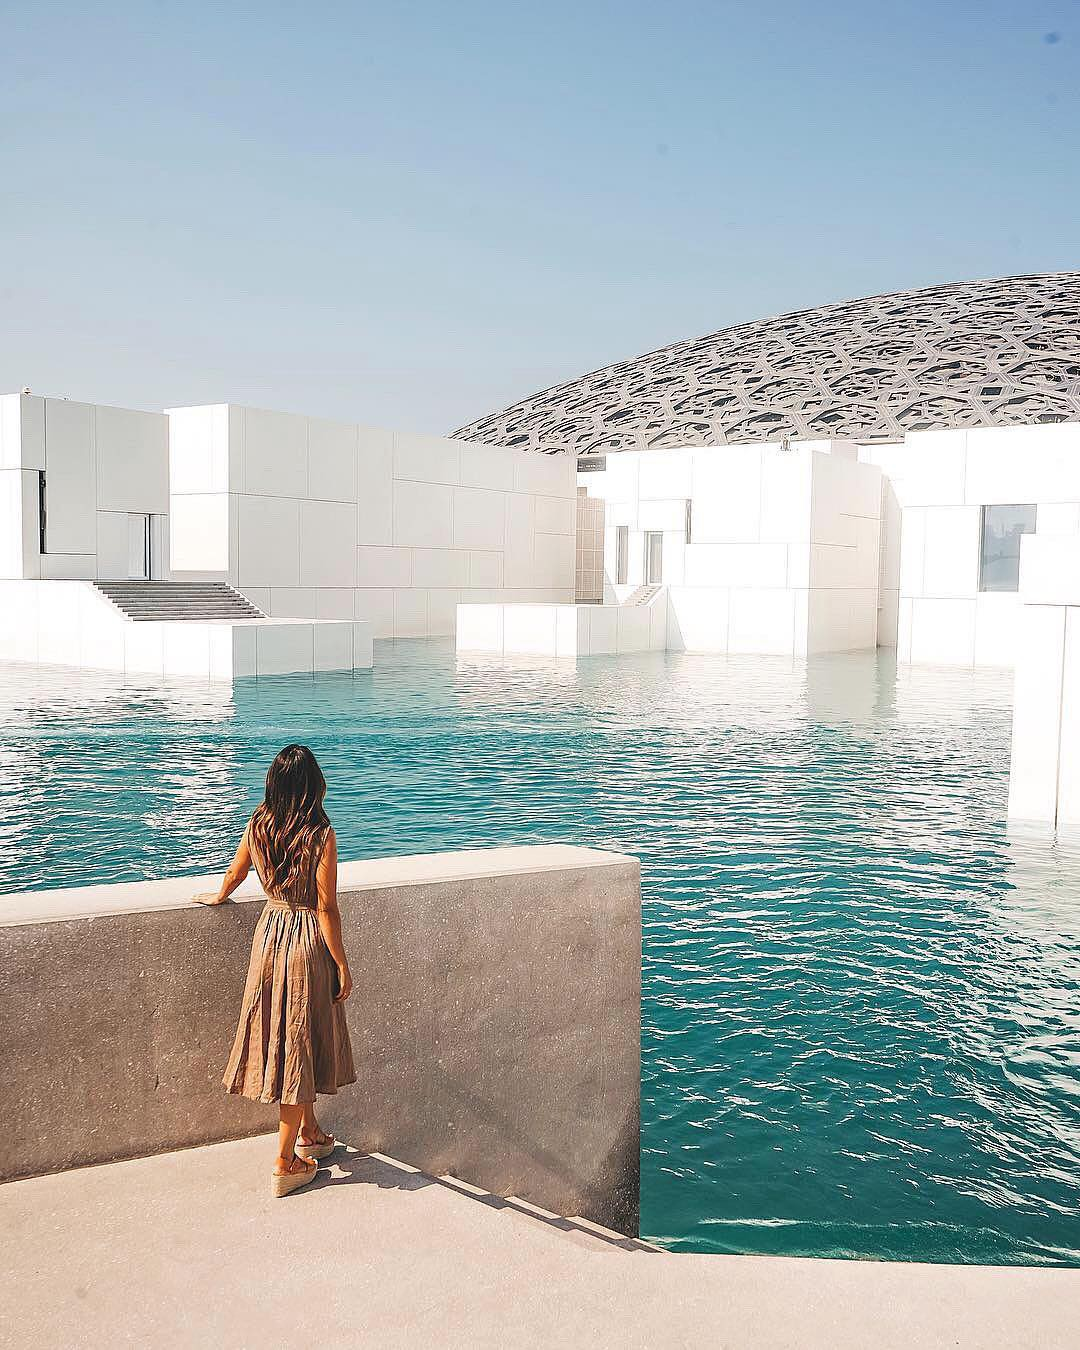 4 bảo tàng được dự đoán sẽ hot nhất năm 2019, dân mê nghệ thuật chắc chắn không thể bỏ qua! - Ảnh 8.